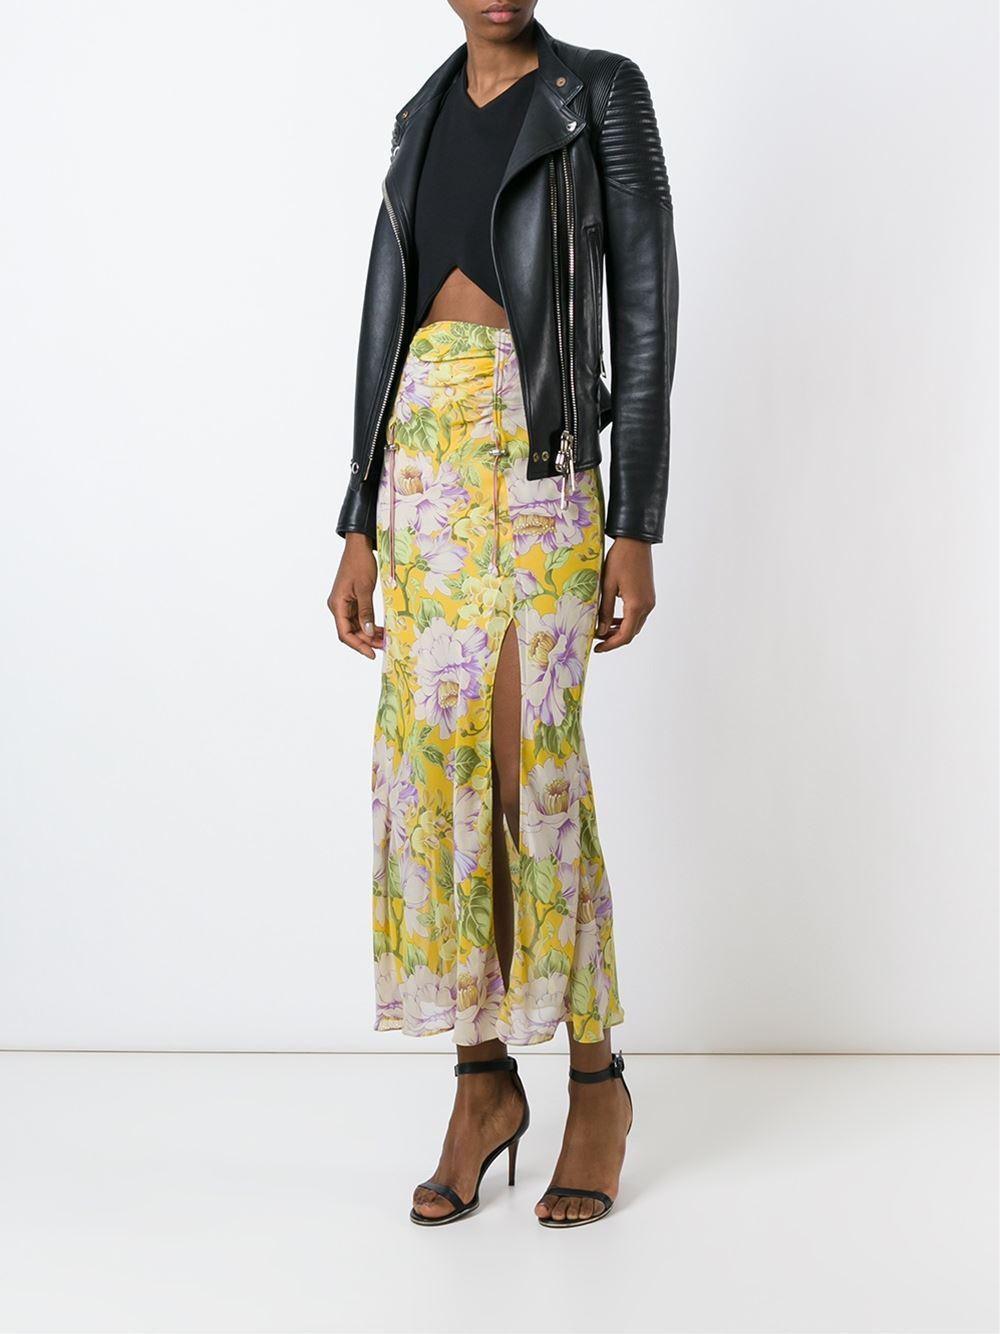 John Galliano Vintage flower print skirt $464